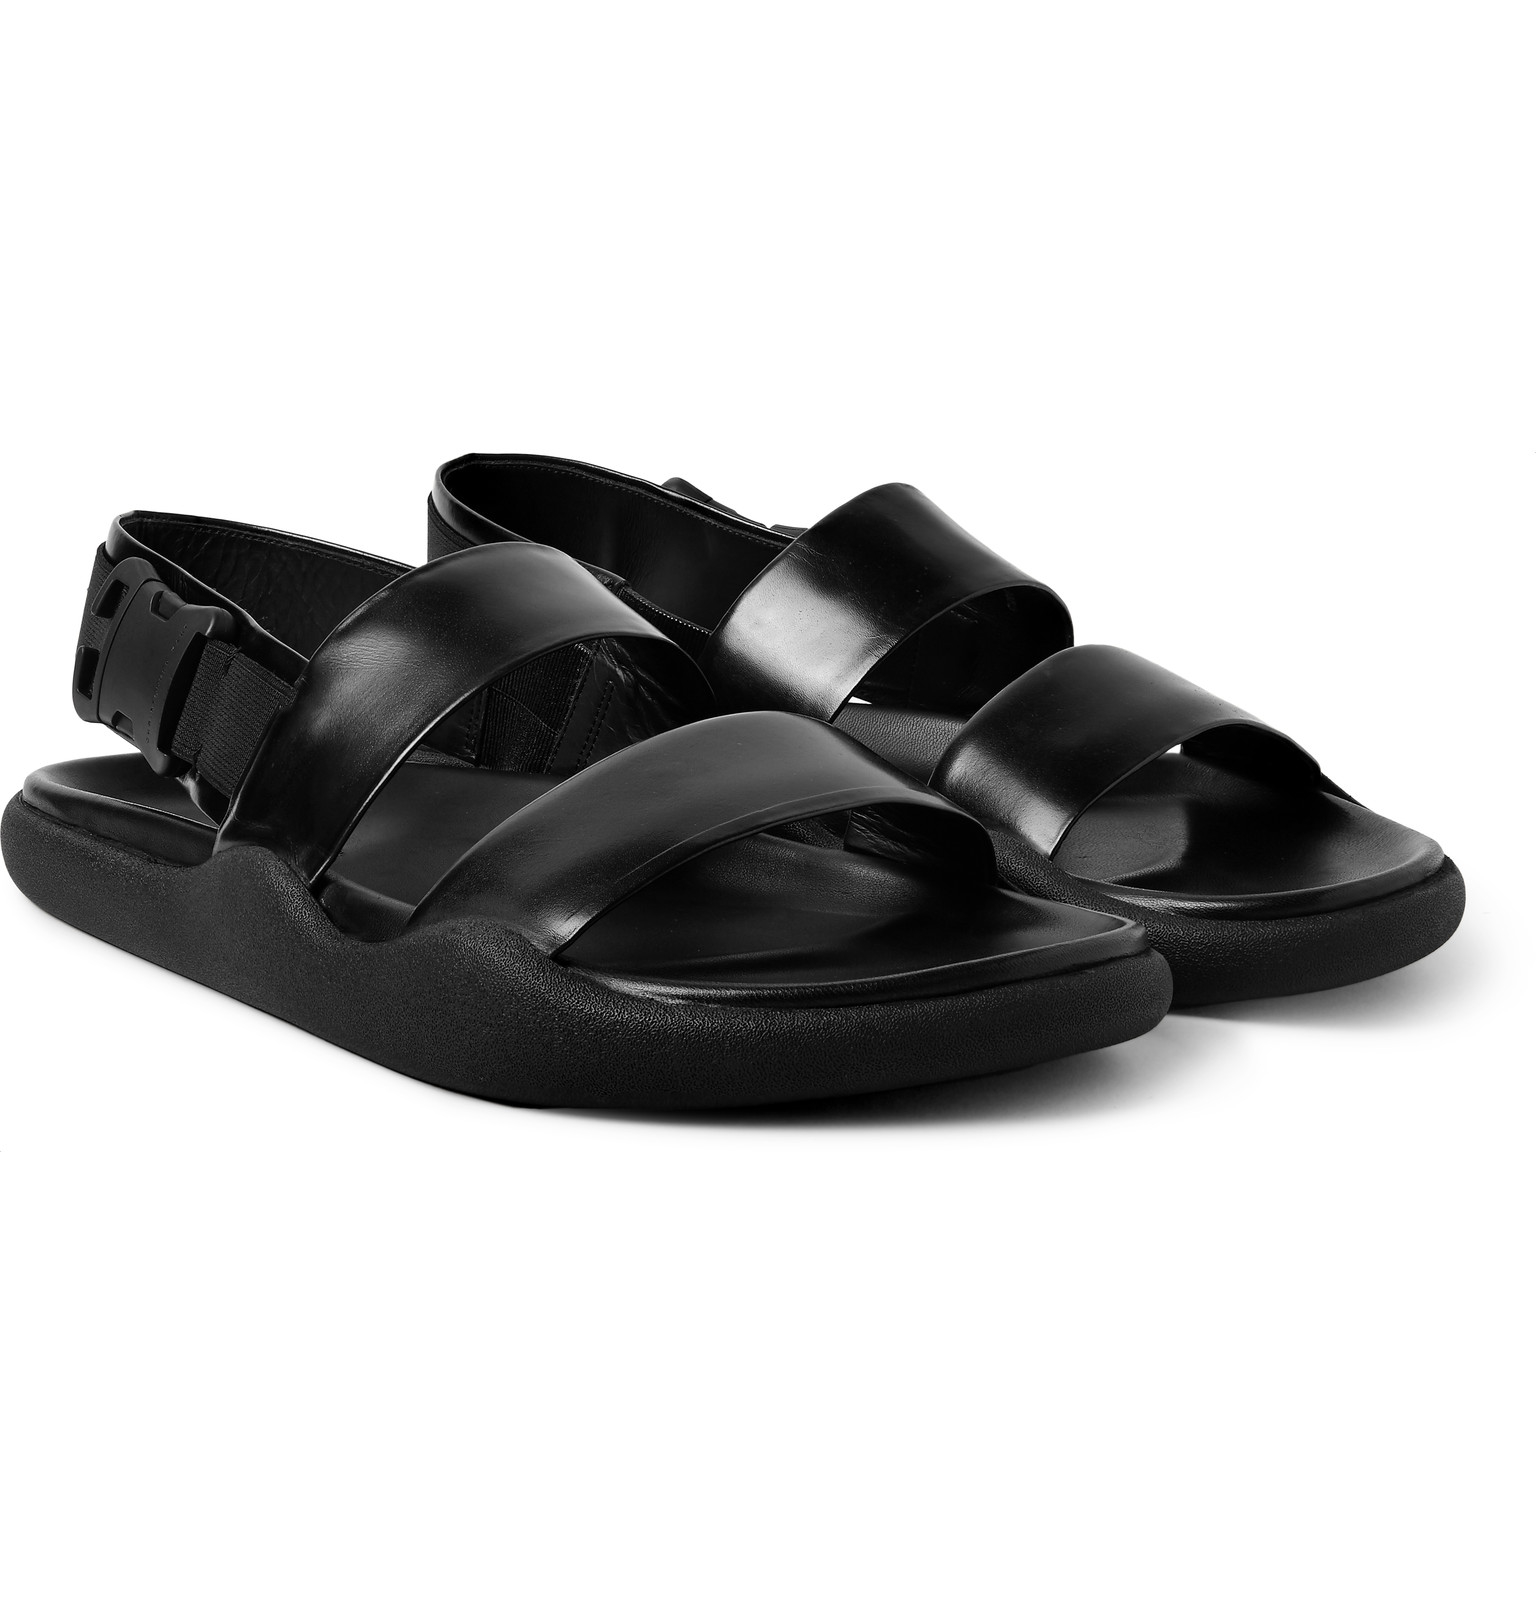 Christopher Kane Leather Flip Flops uANAye